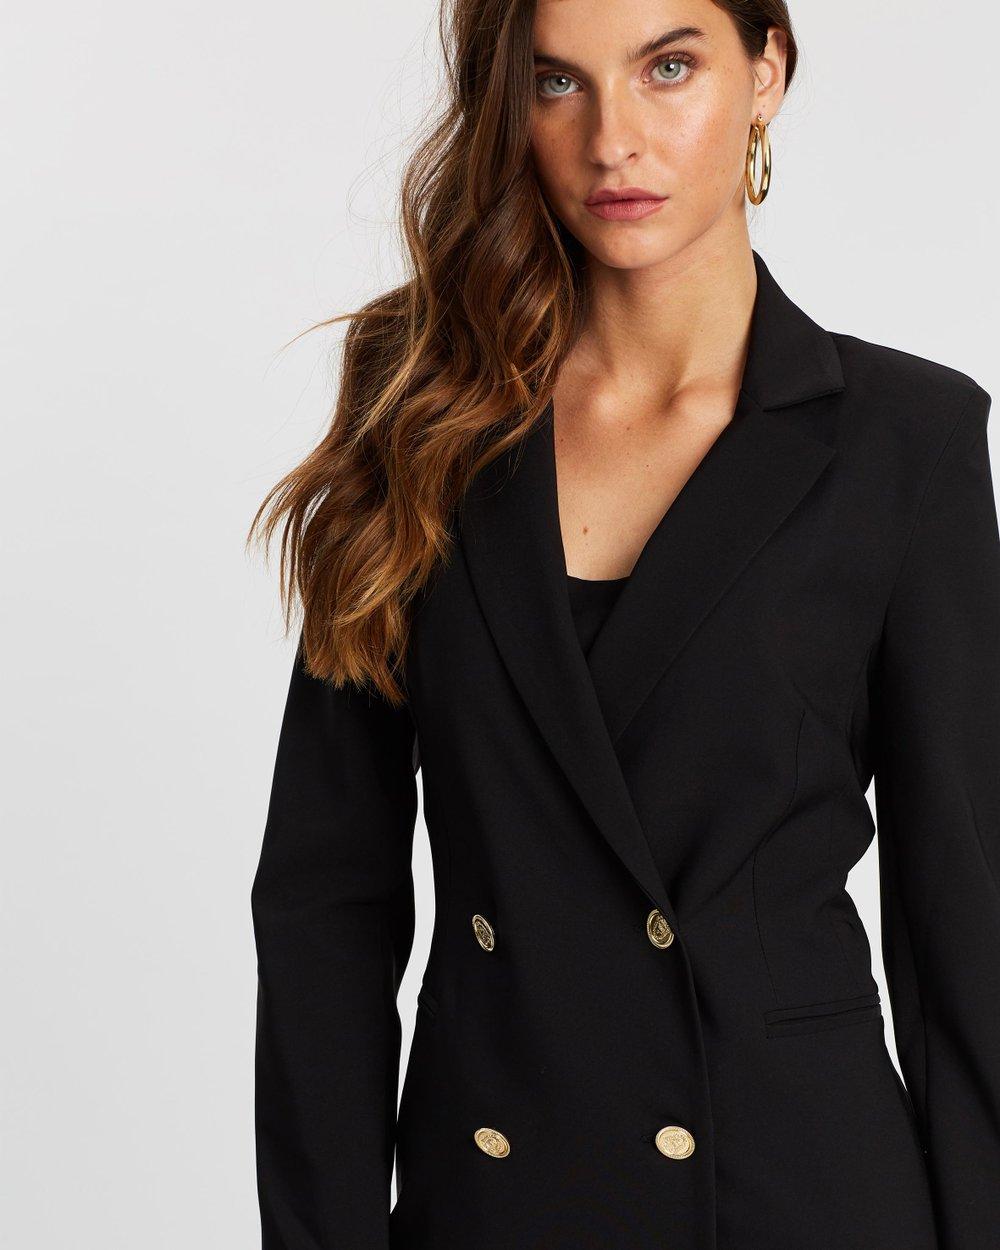 af2472b47cb9 Milano Blazer Dress by Nookie Online | THE ICONIC | Australia